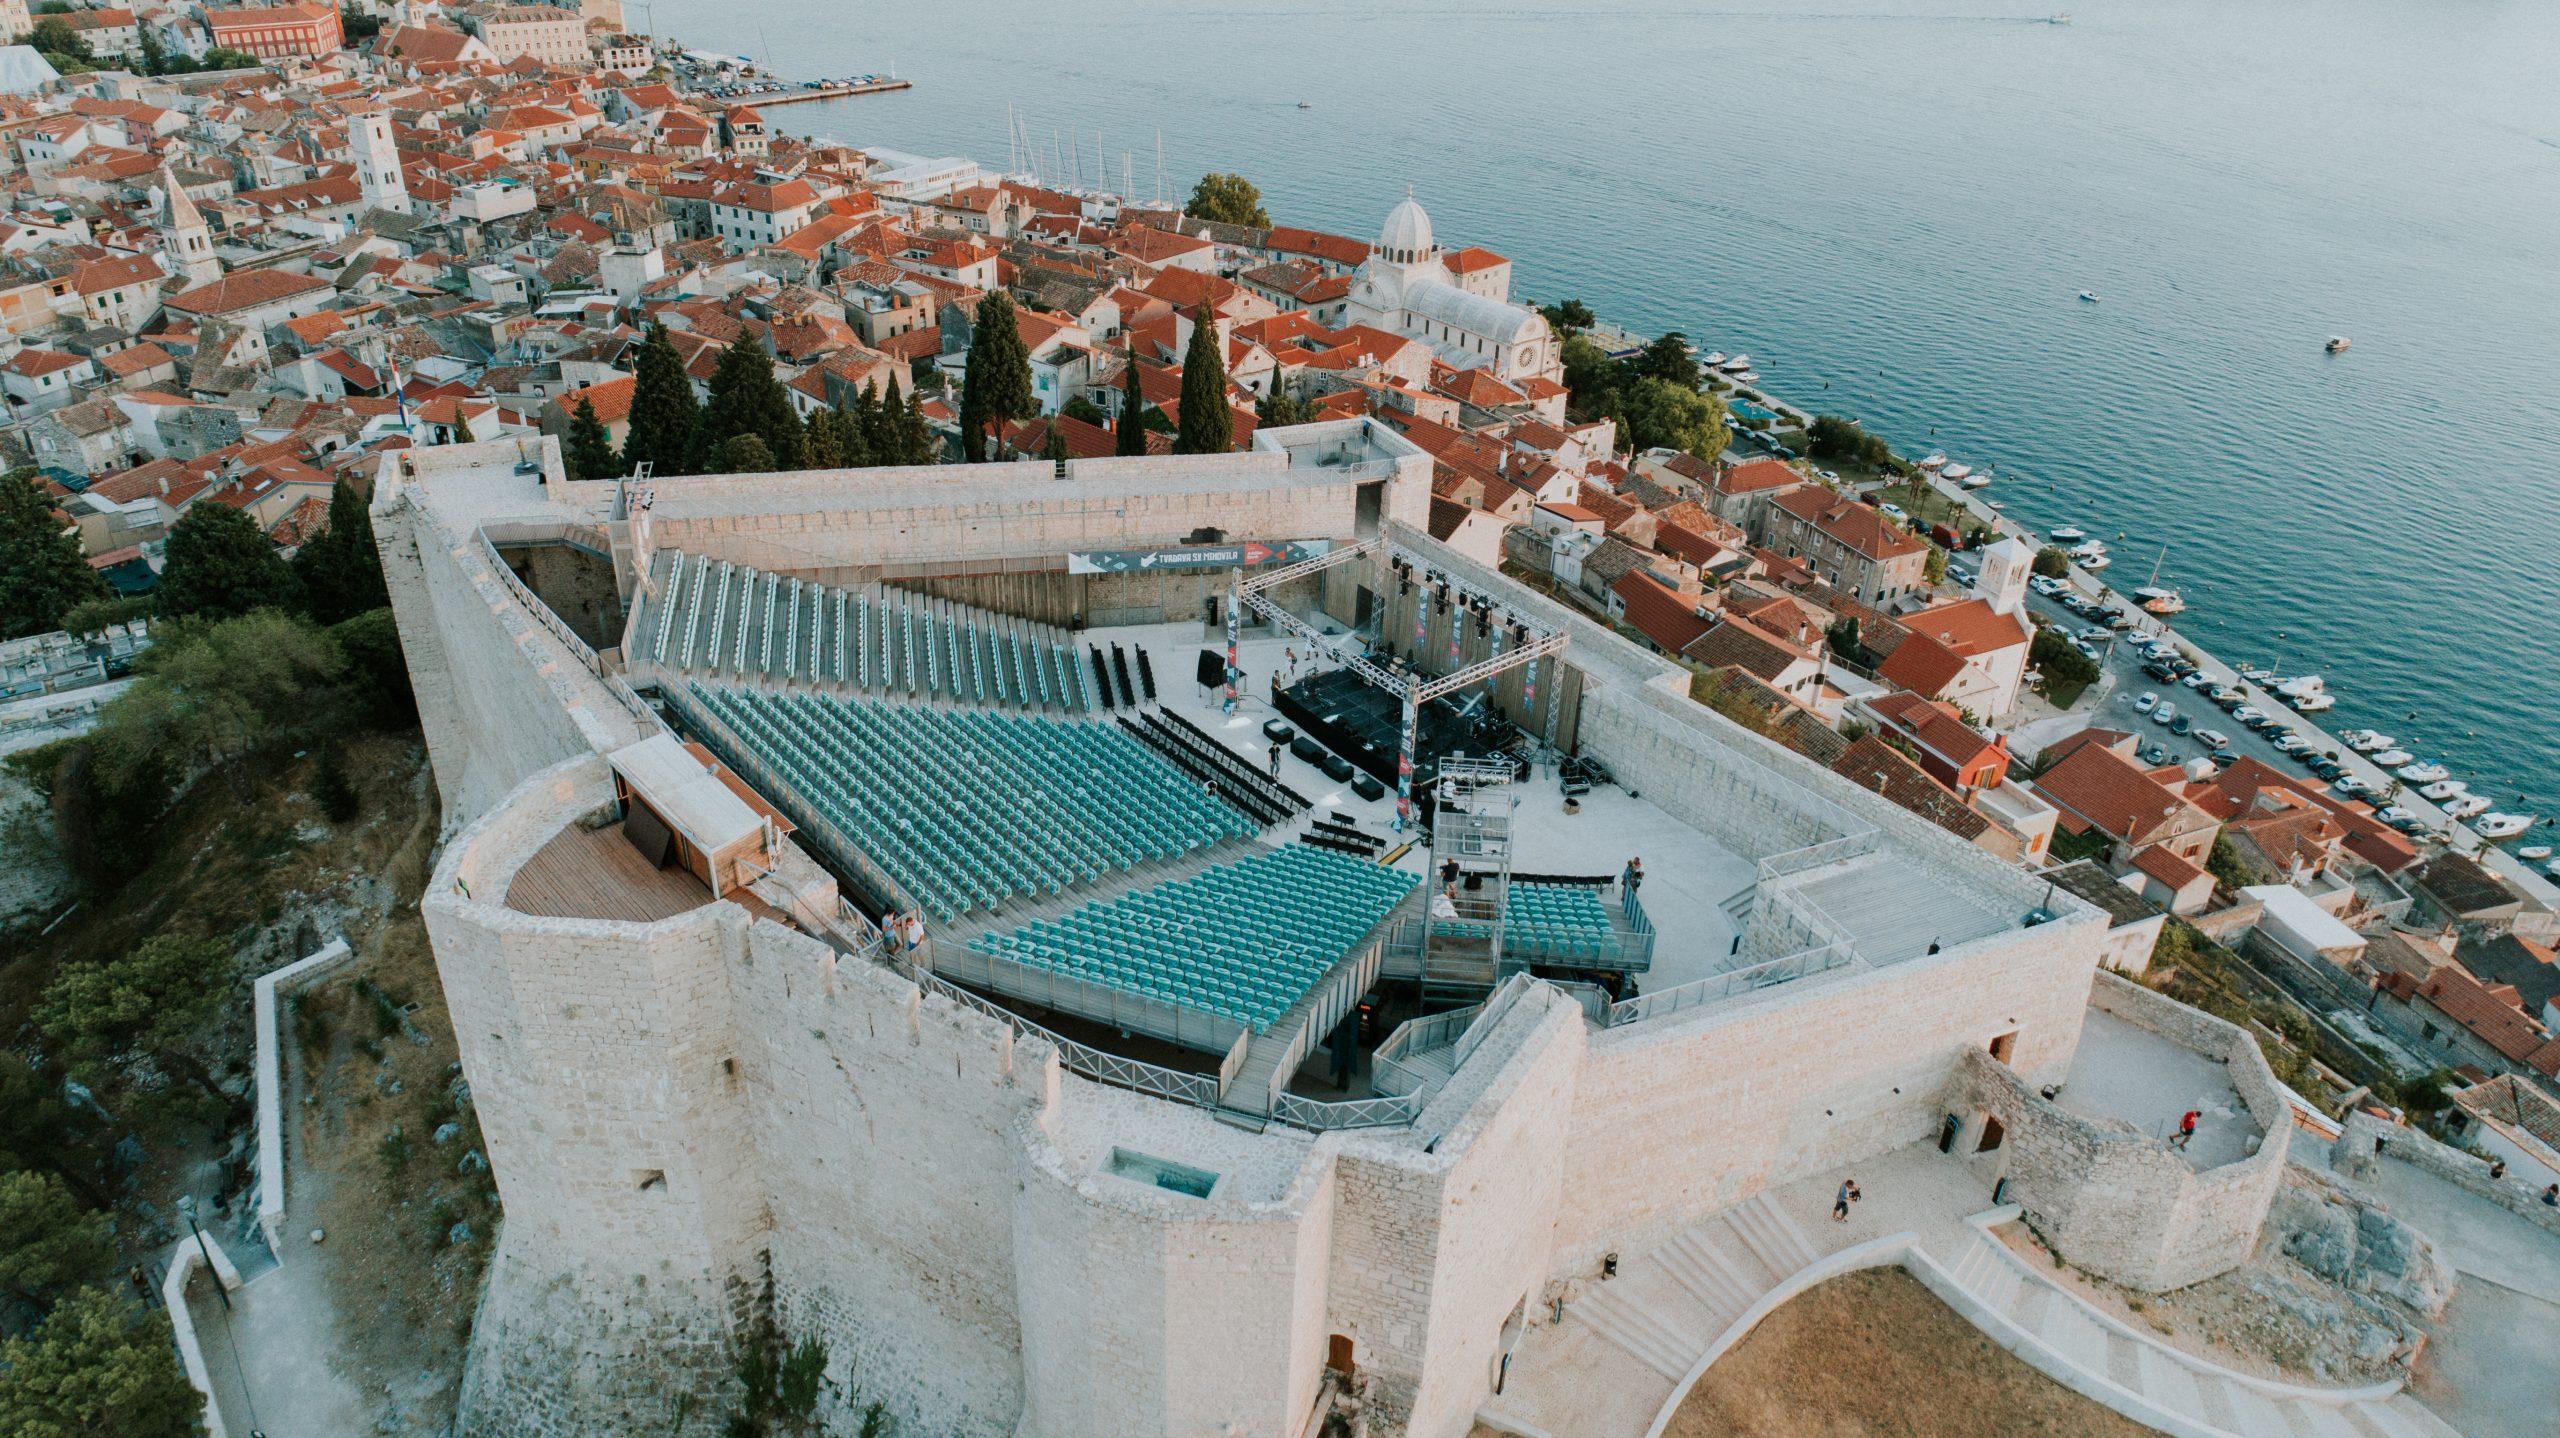 Šibenik postaje kulturna meka Dalmacije, a za sve je zaslužan tim kreativaca. Pričali smo s njima